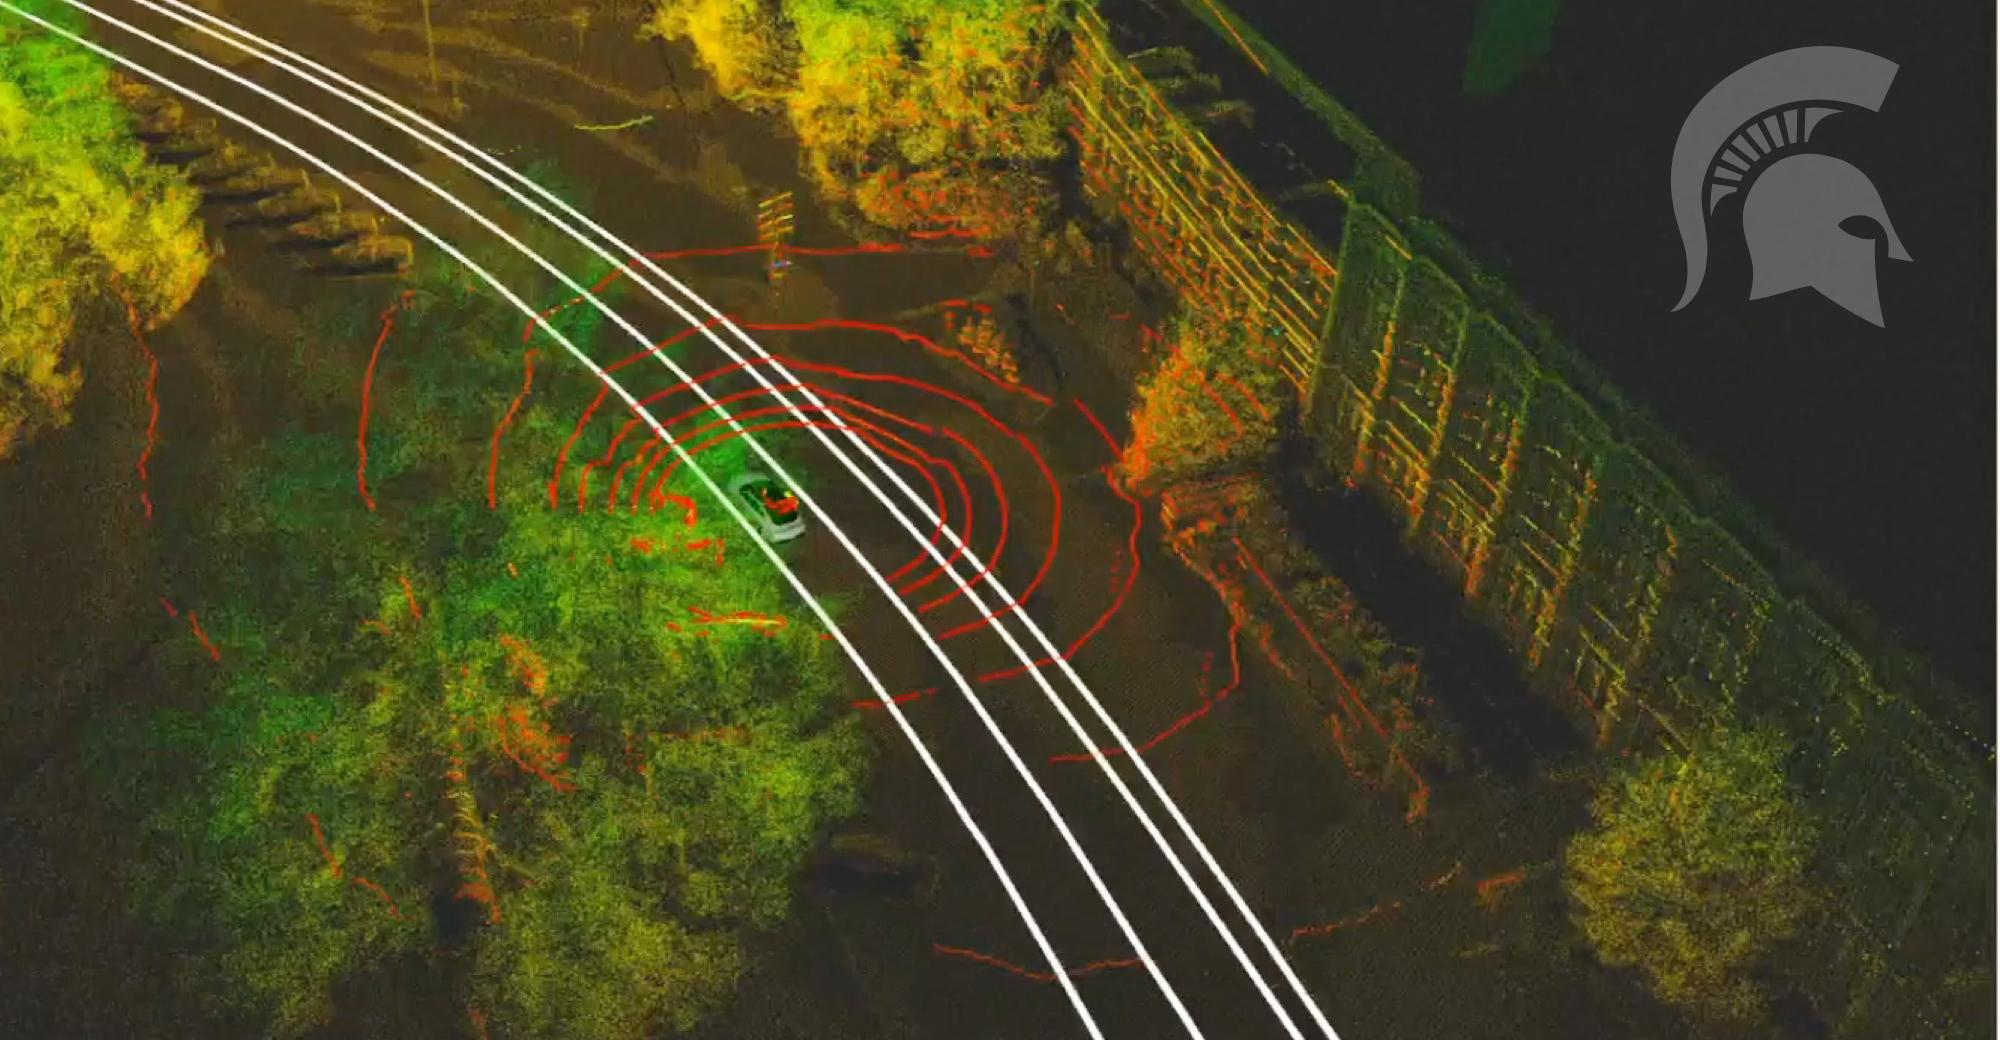 msu.edu - Safer autonomous vehicles